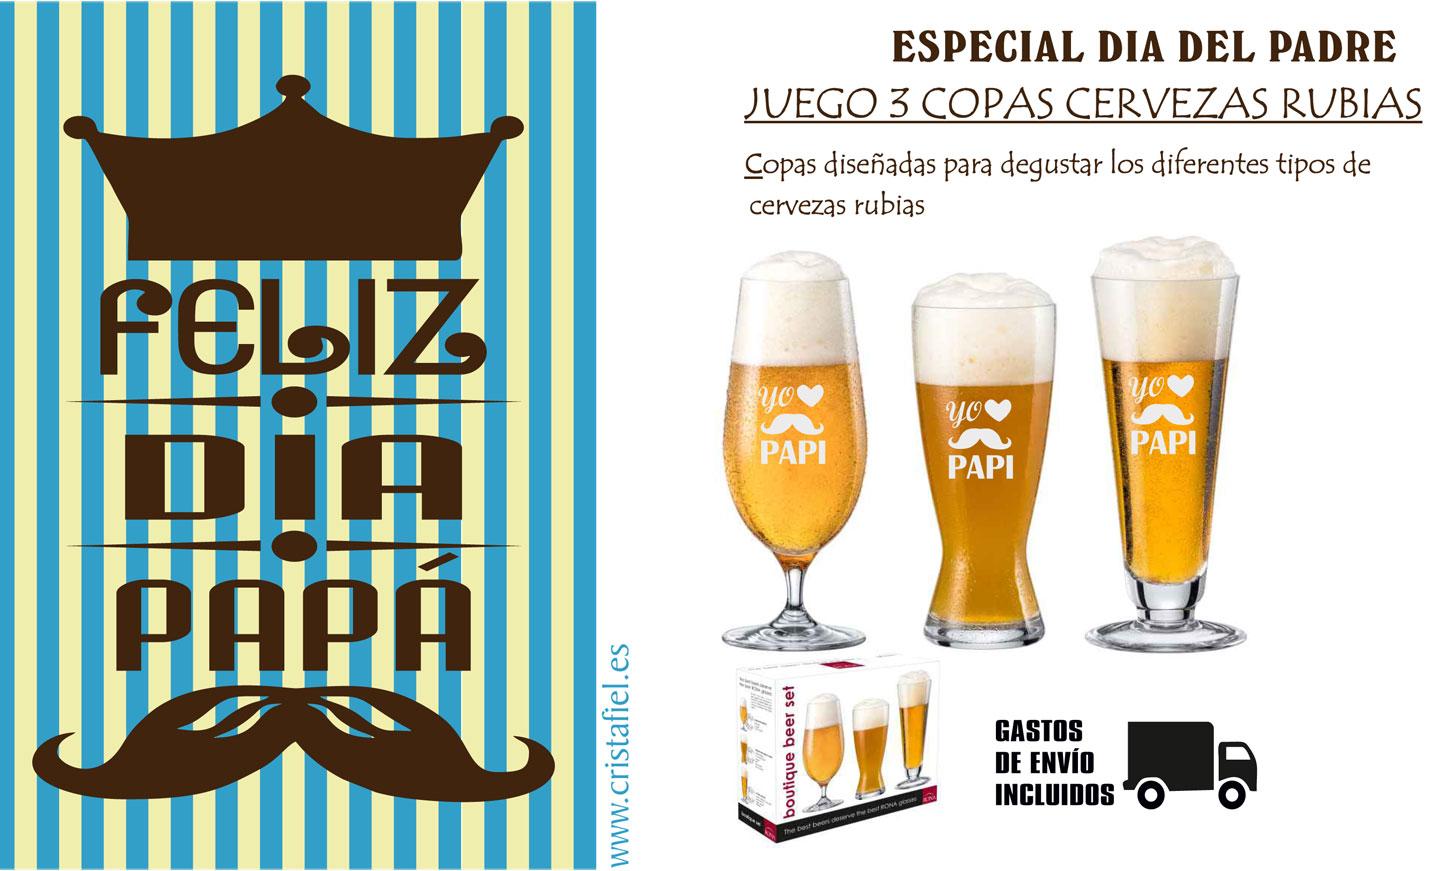 Cristafiel Juego 3 Copas de Cervezas Rubias